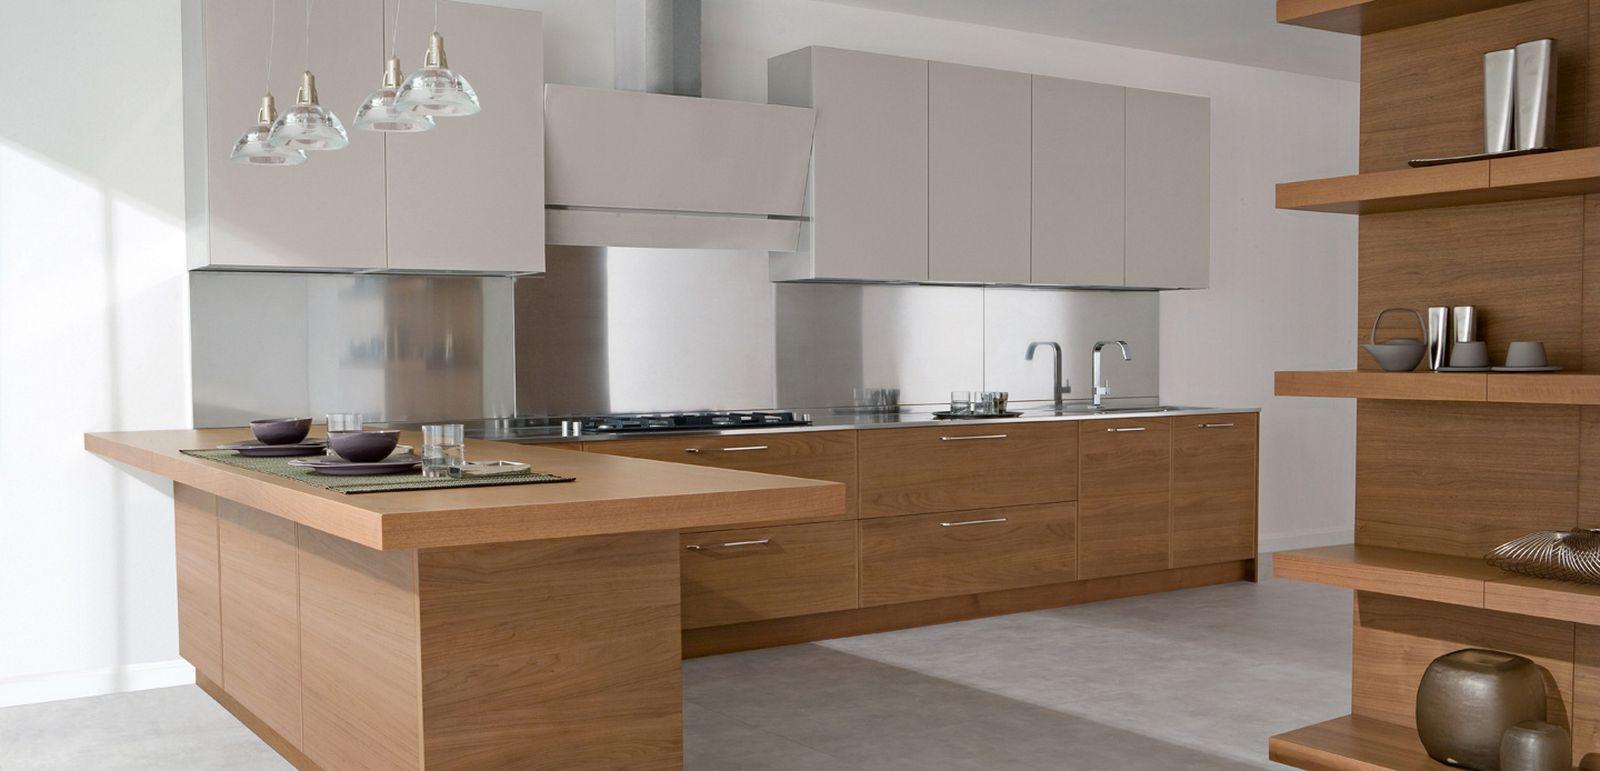 modern retro kitchen ideas